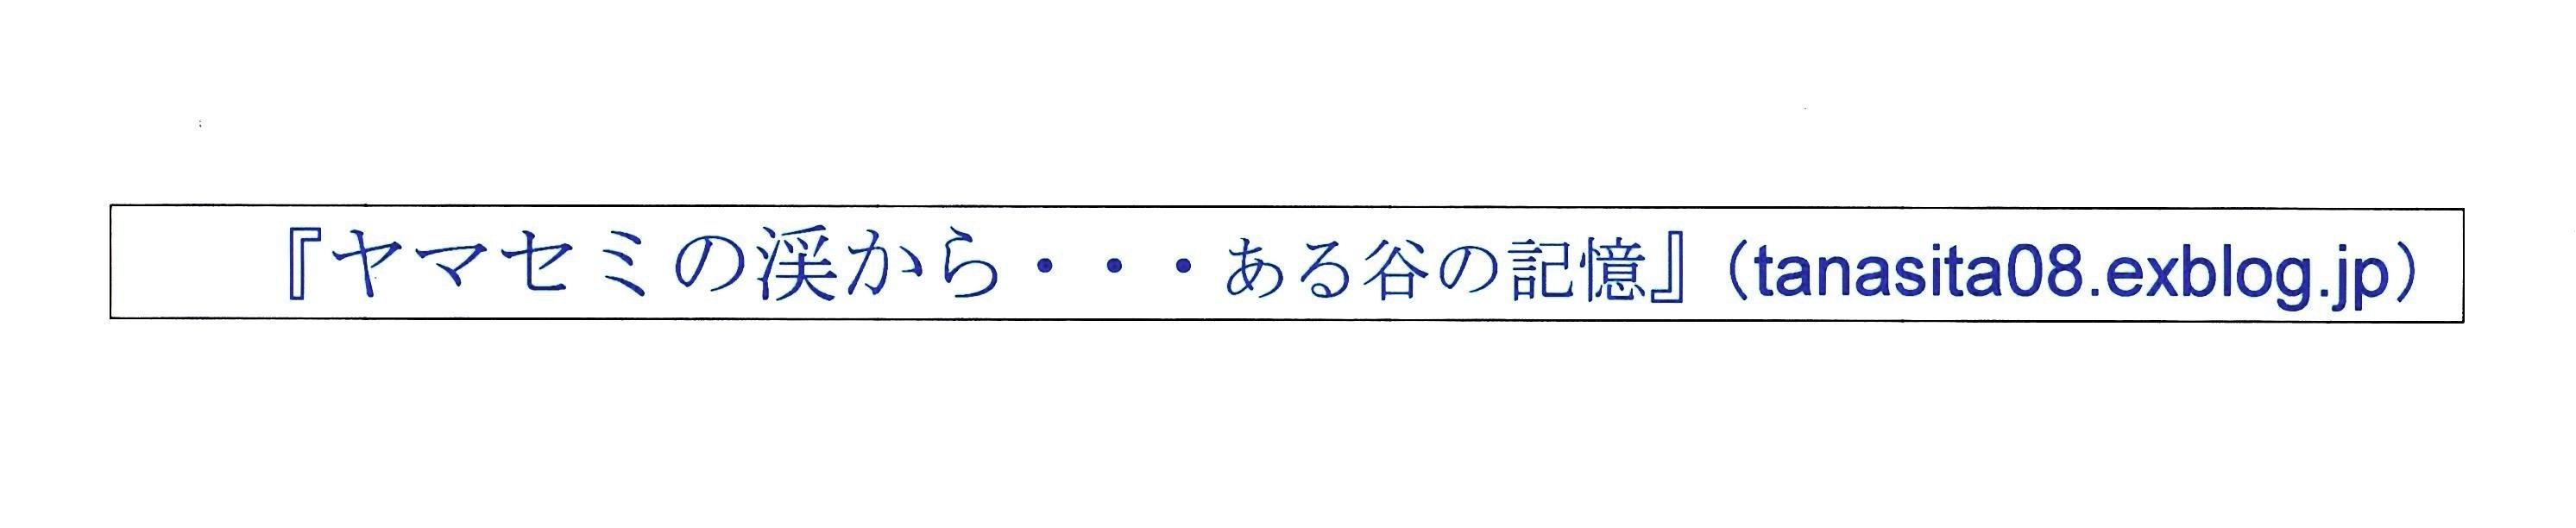 腰掛ける裸婦線描・鉛筆_f0159856_794012.jpg